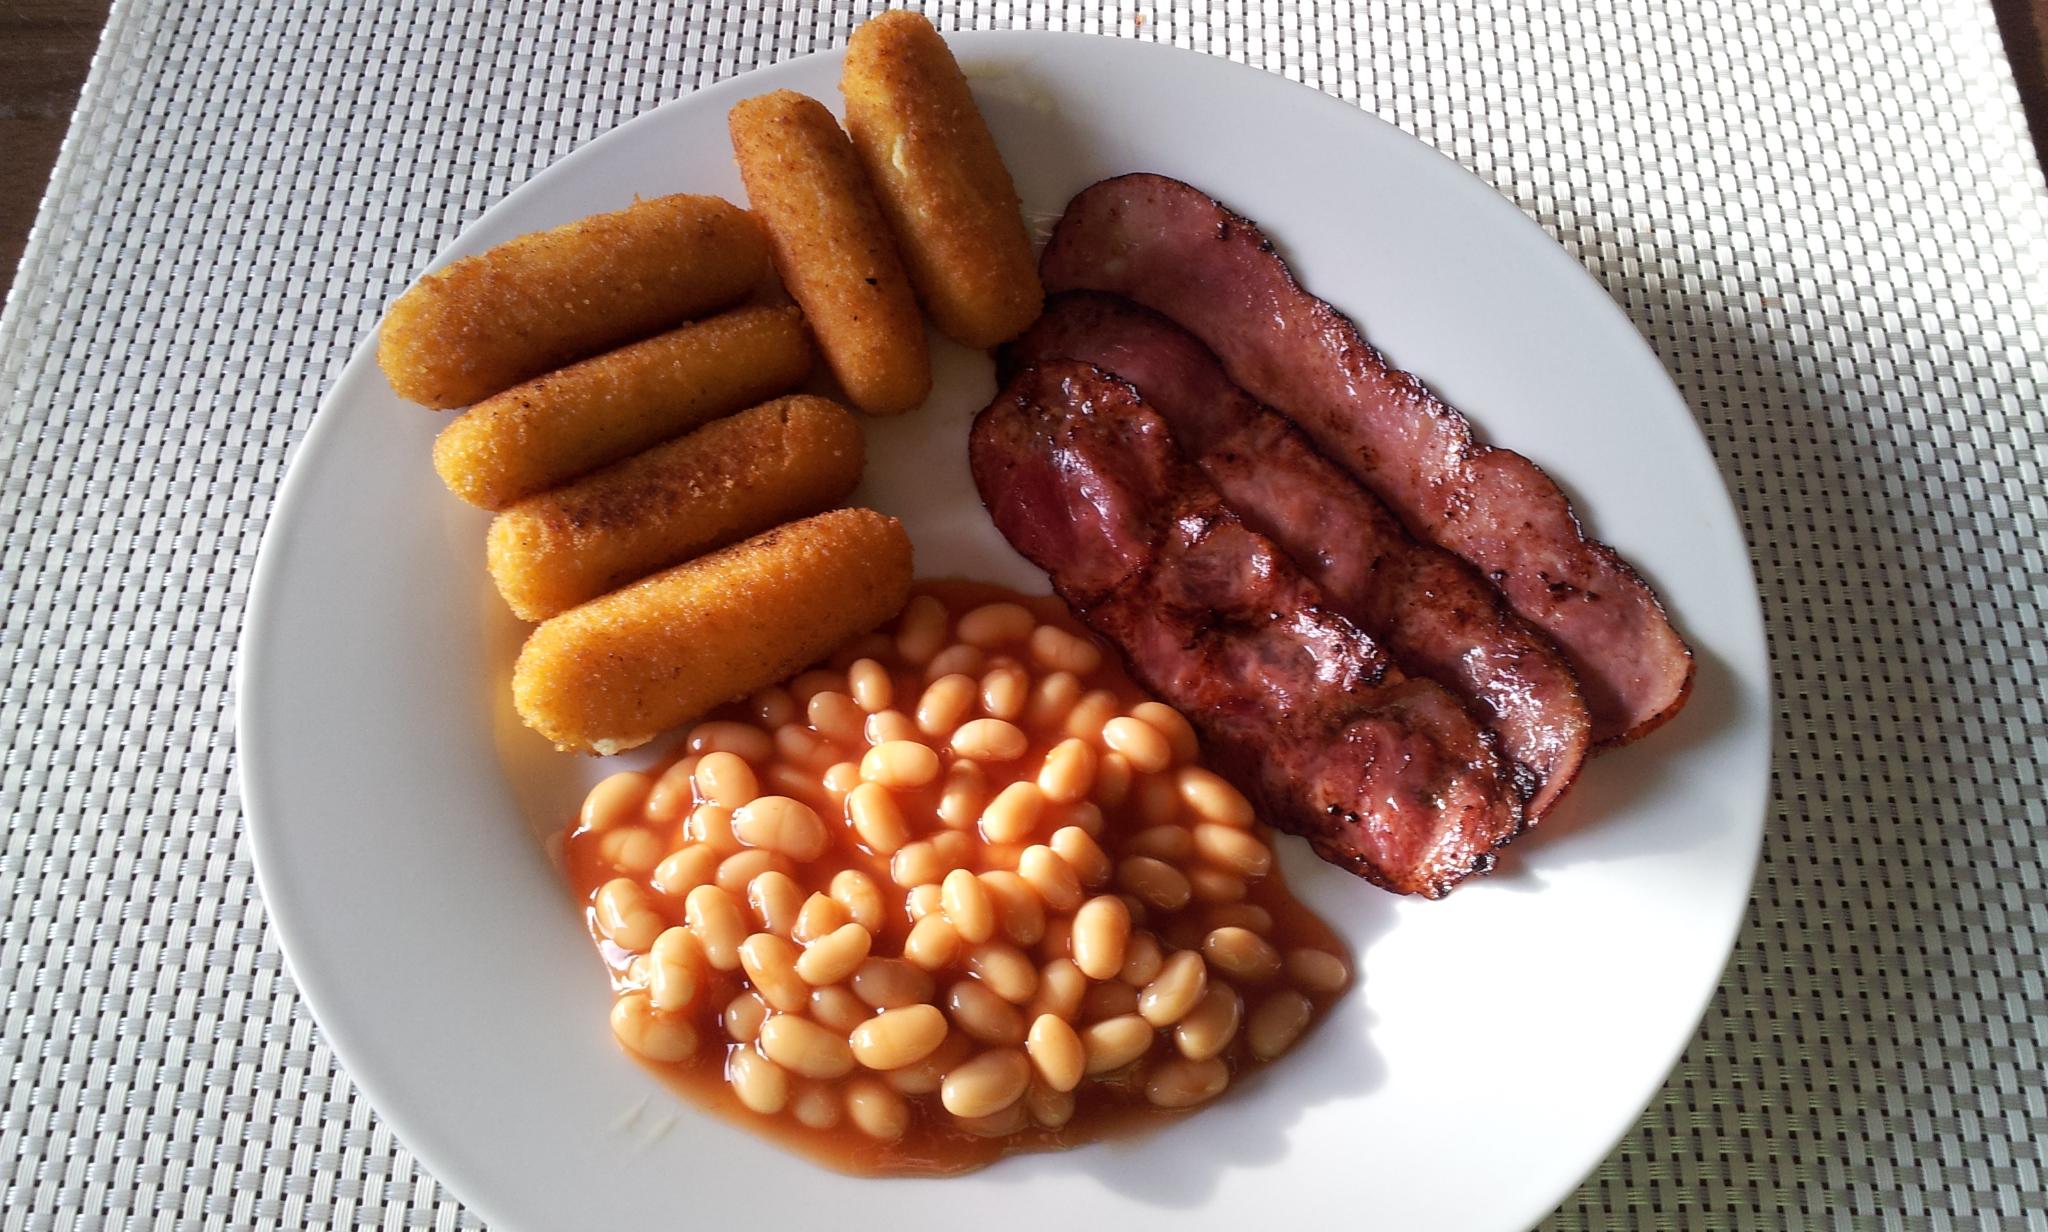 https://foodloader.net/Holz_2013-08-06_Frischkaesesticks_mit_Puten-Bacon_und_Heinz_Beanz.jpg